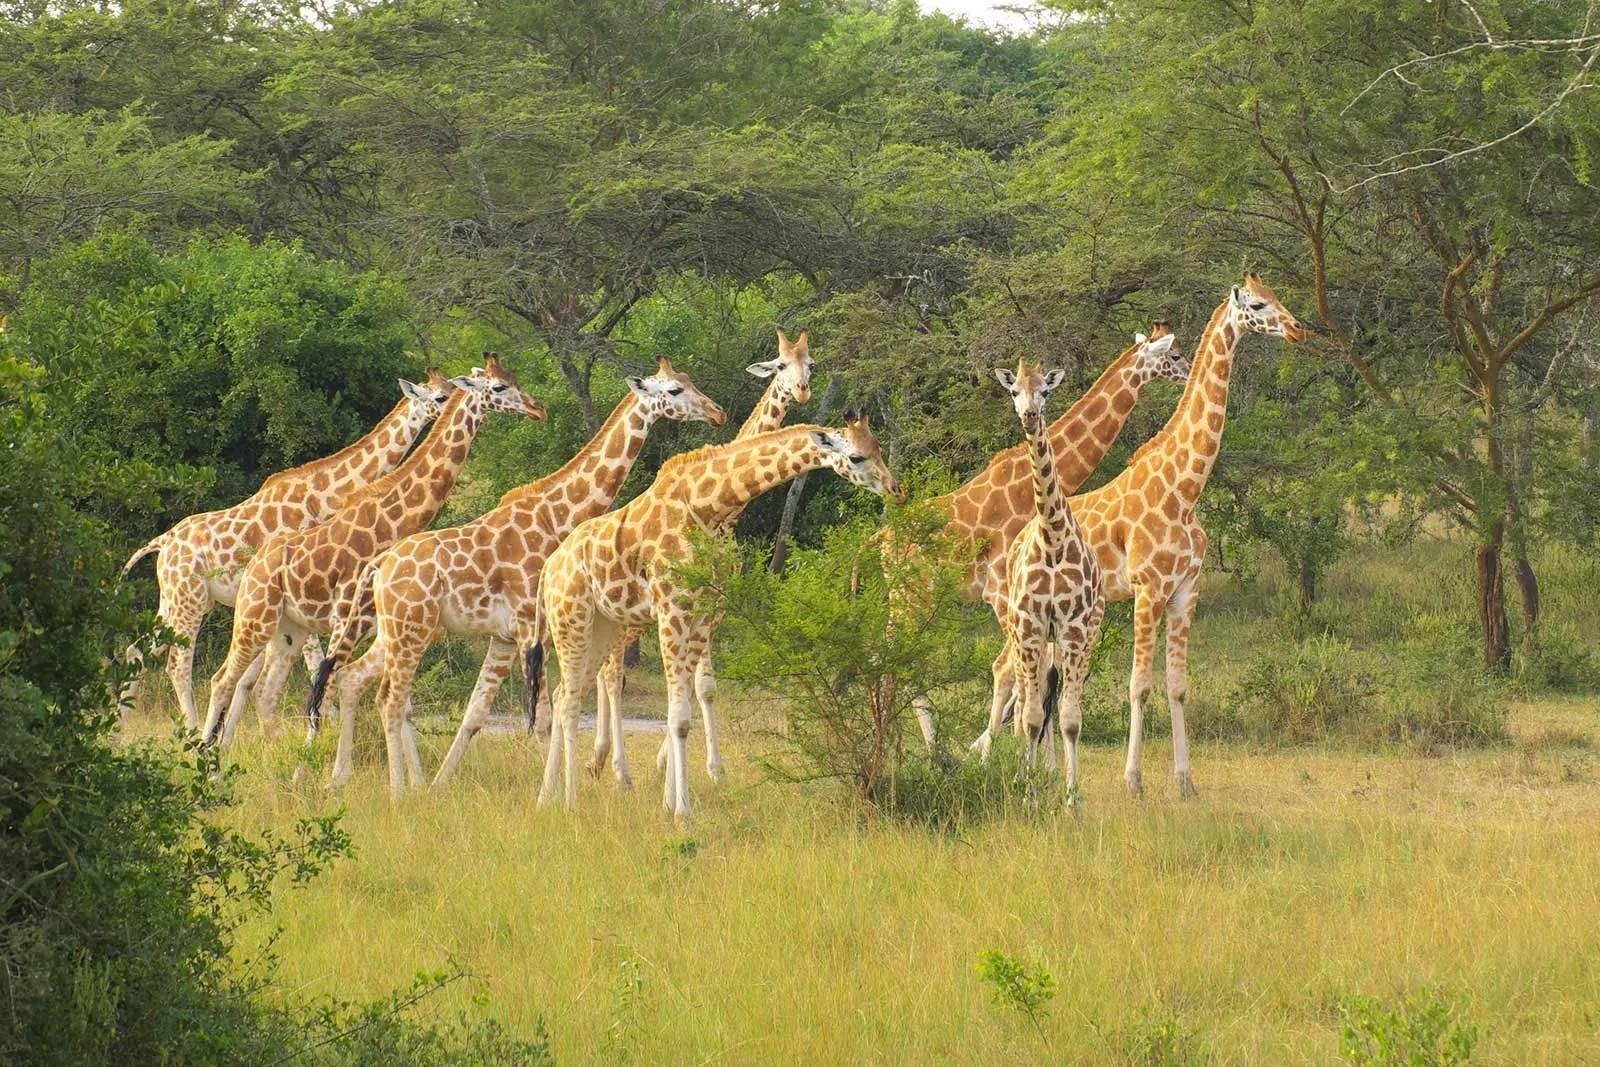 Giraffe, Northern giraffe, rothschild's giraffe in Uganda